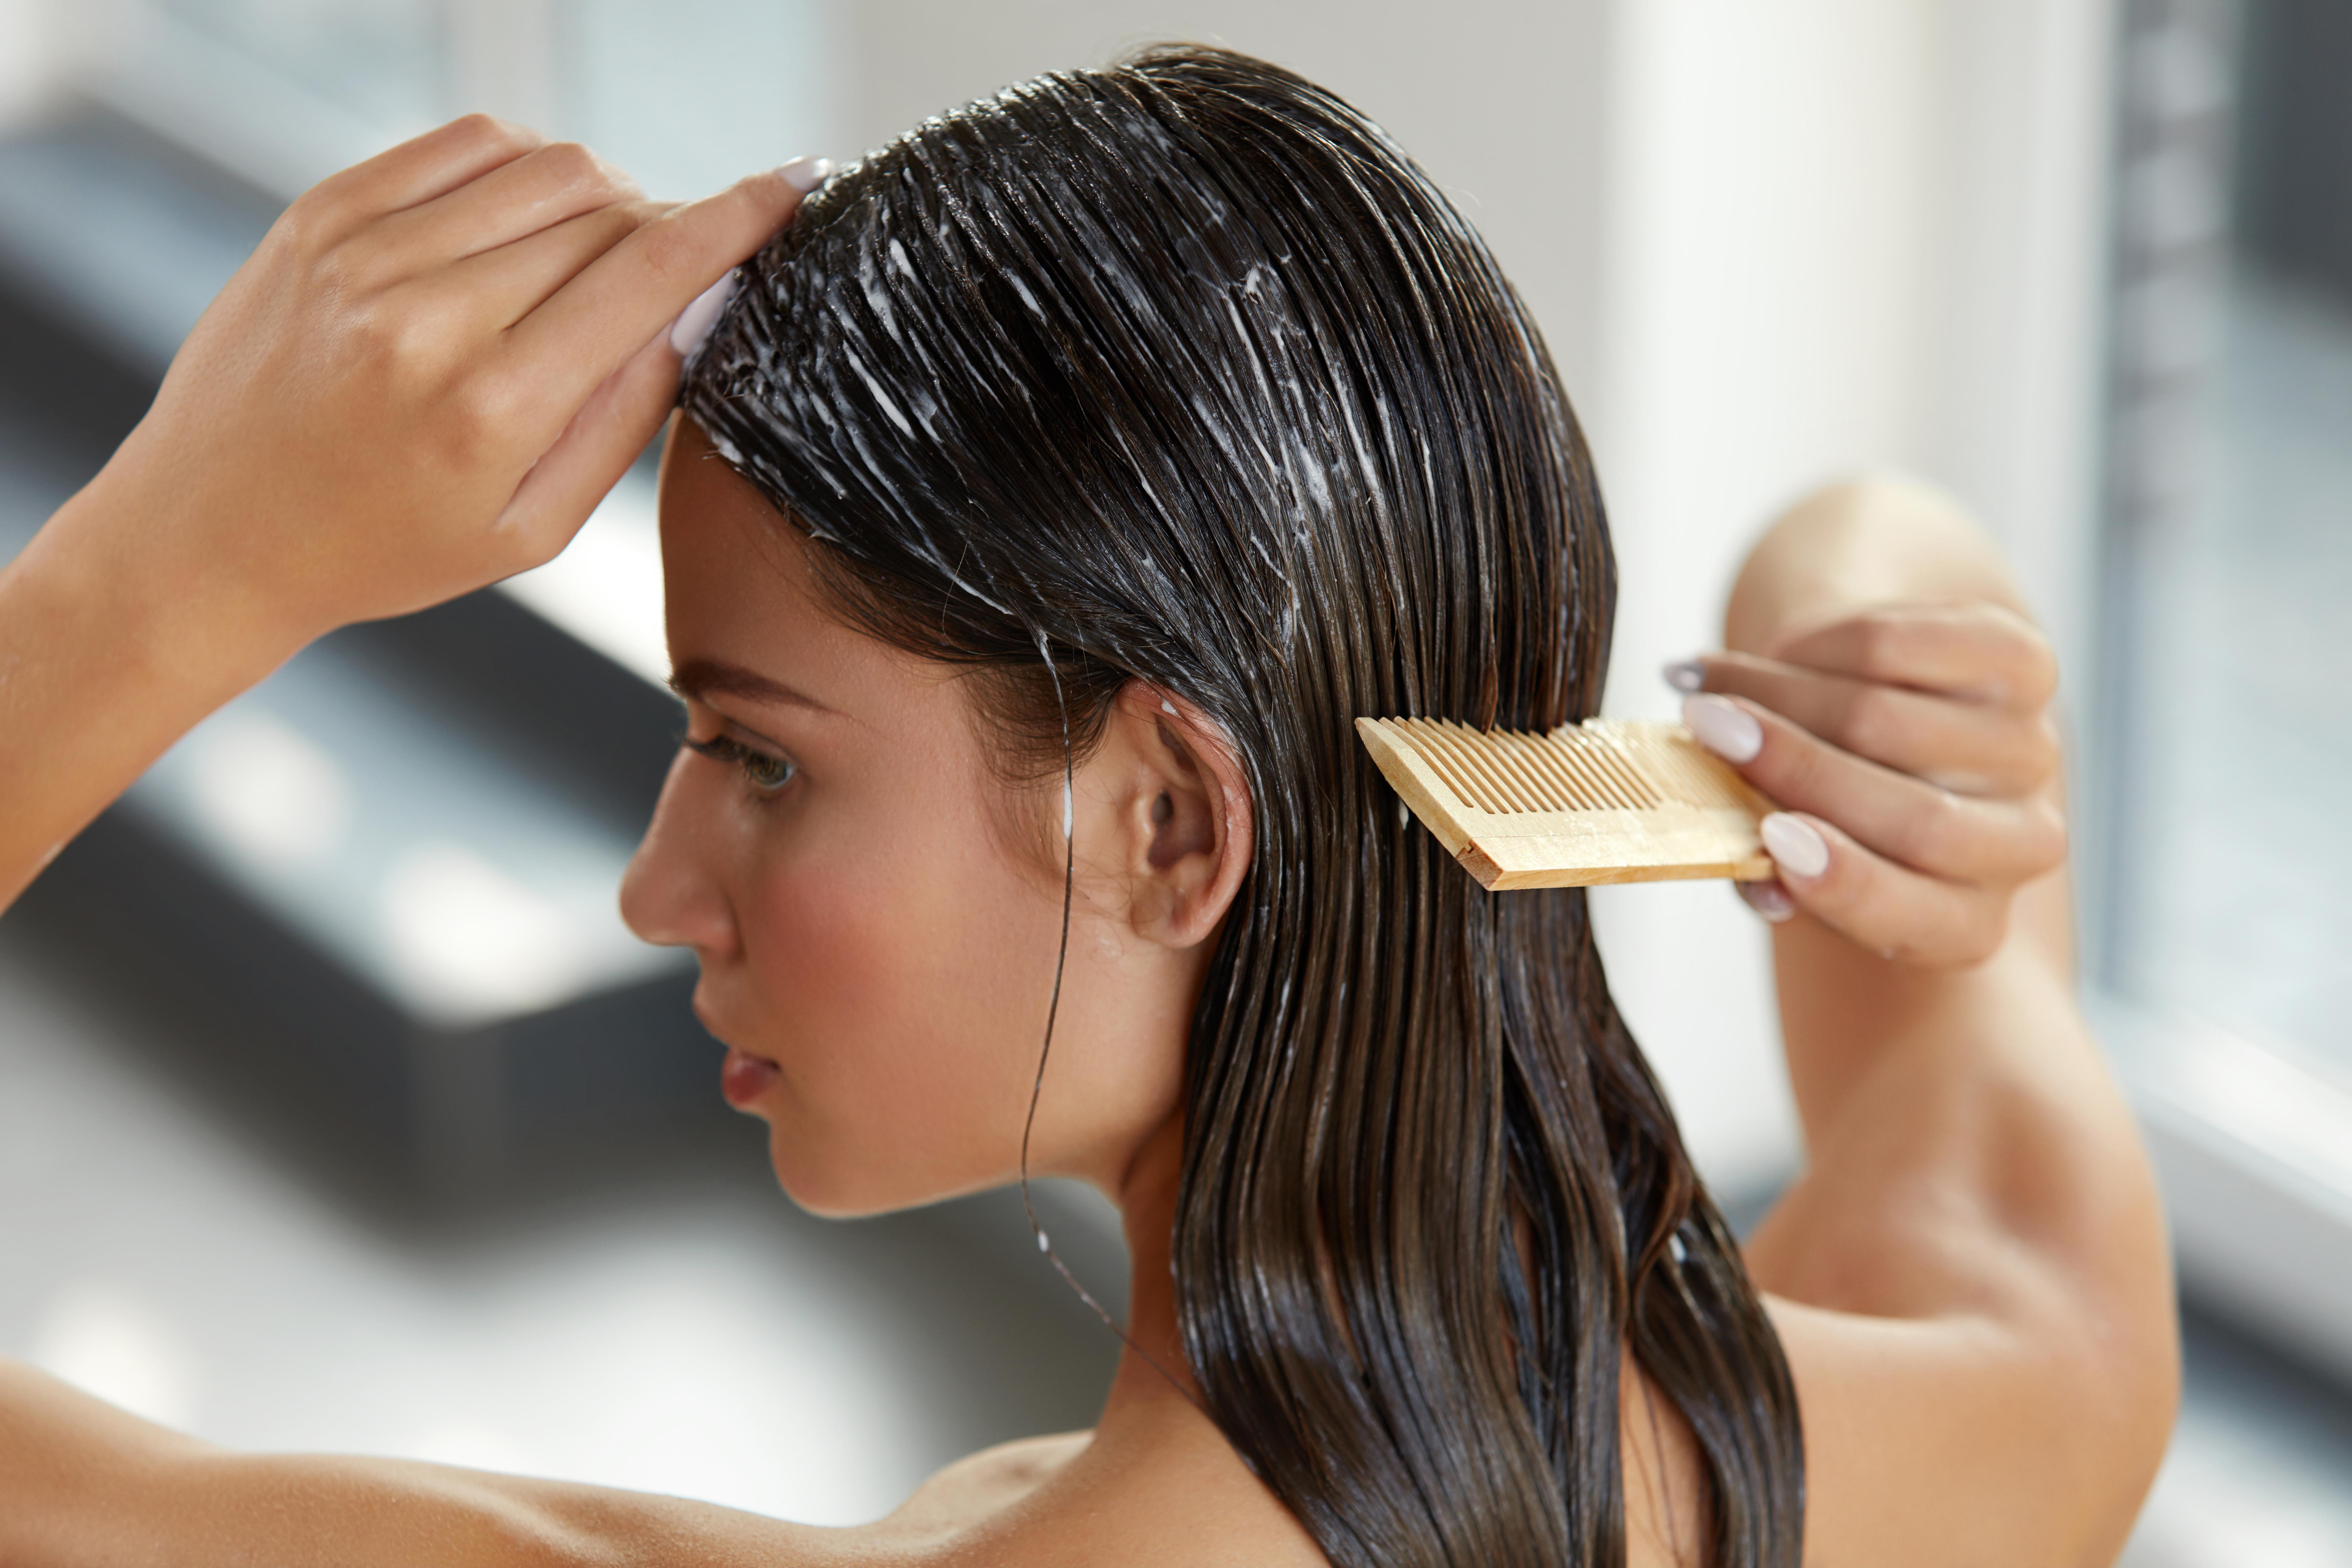 Beautiful Woman Putting Mask On Long Wet Hair. Hairbrushing